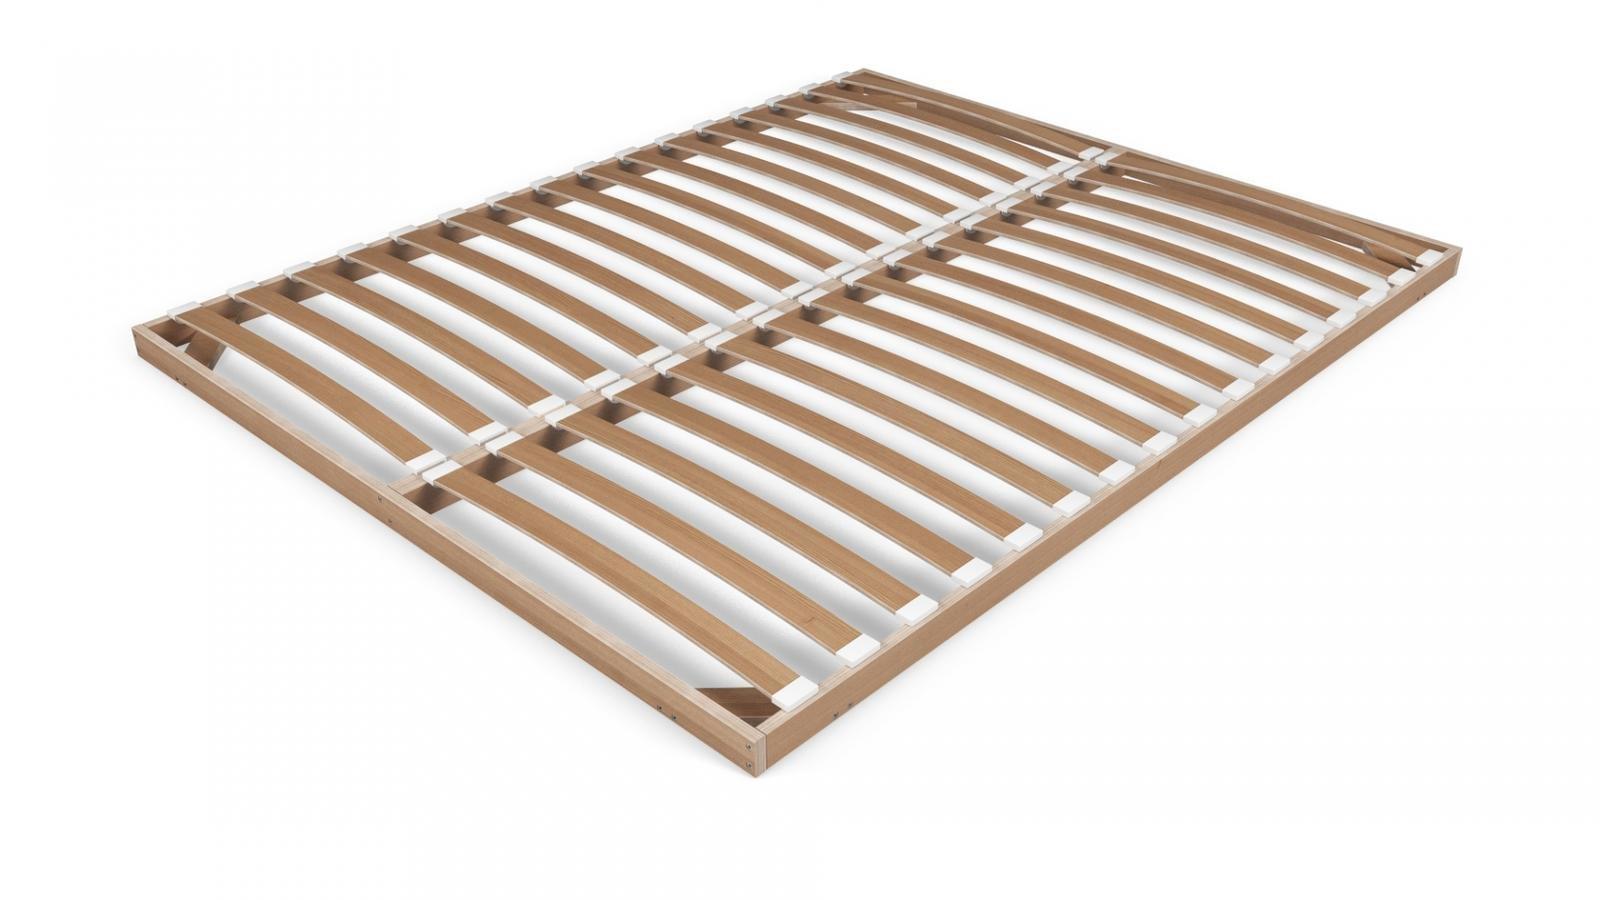 Основание для кроватей Dimax Лайт без ножек 120x190 см